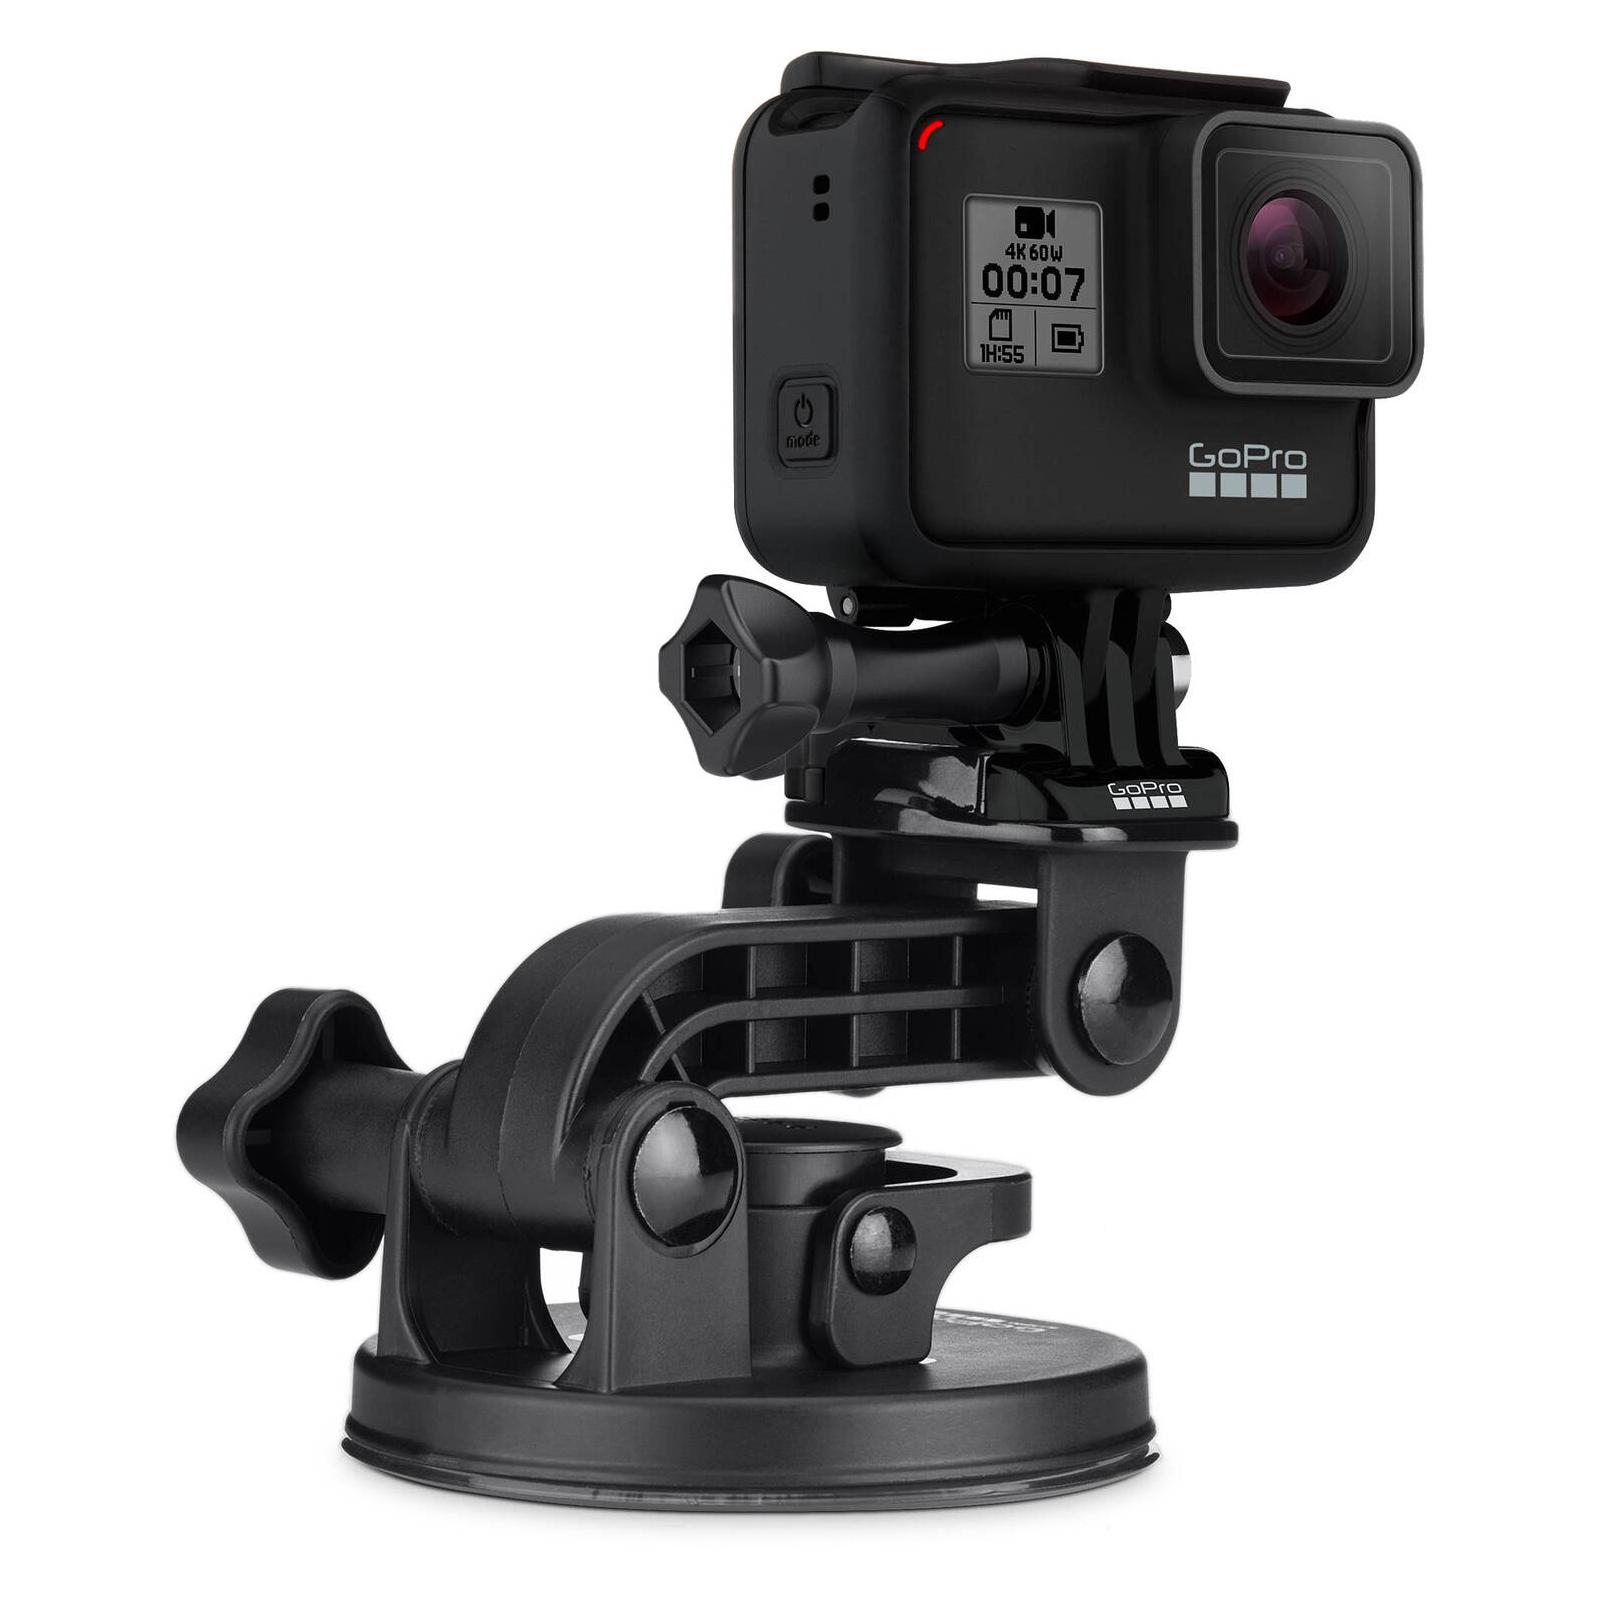 Аксессуар к экшн-камерам GoPro Suction Cup Mount (AUCMT-302) изображение 4